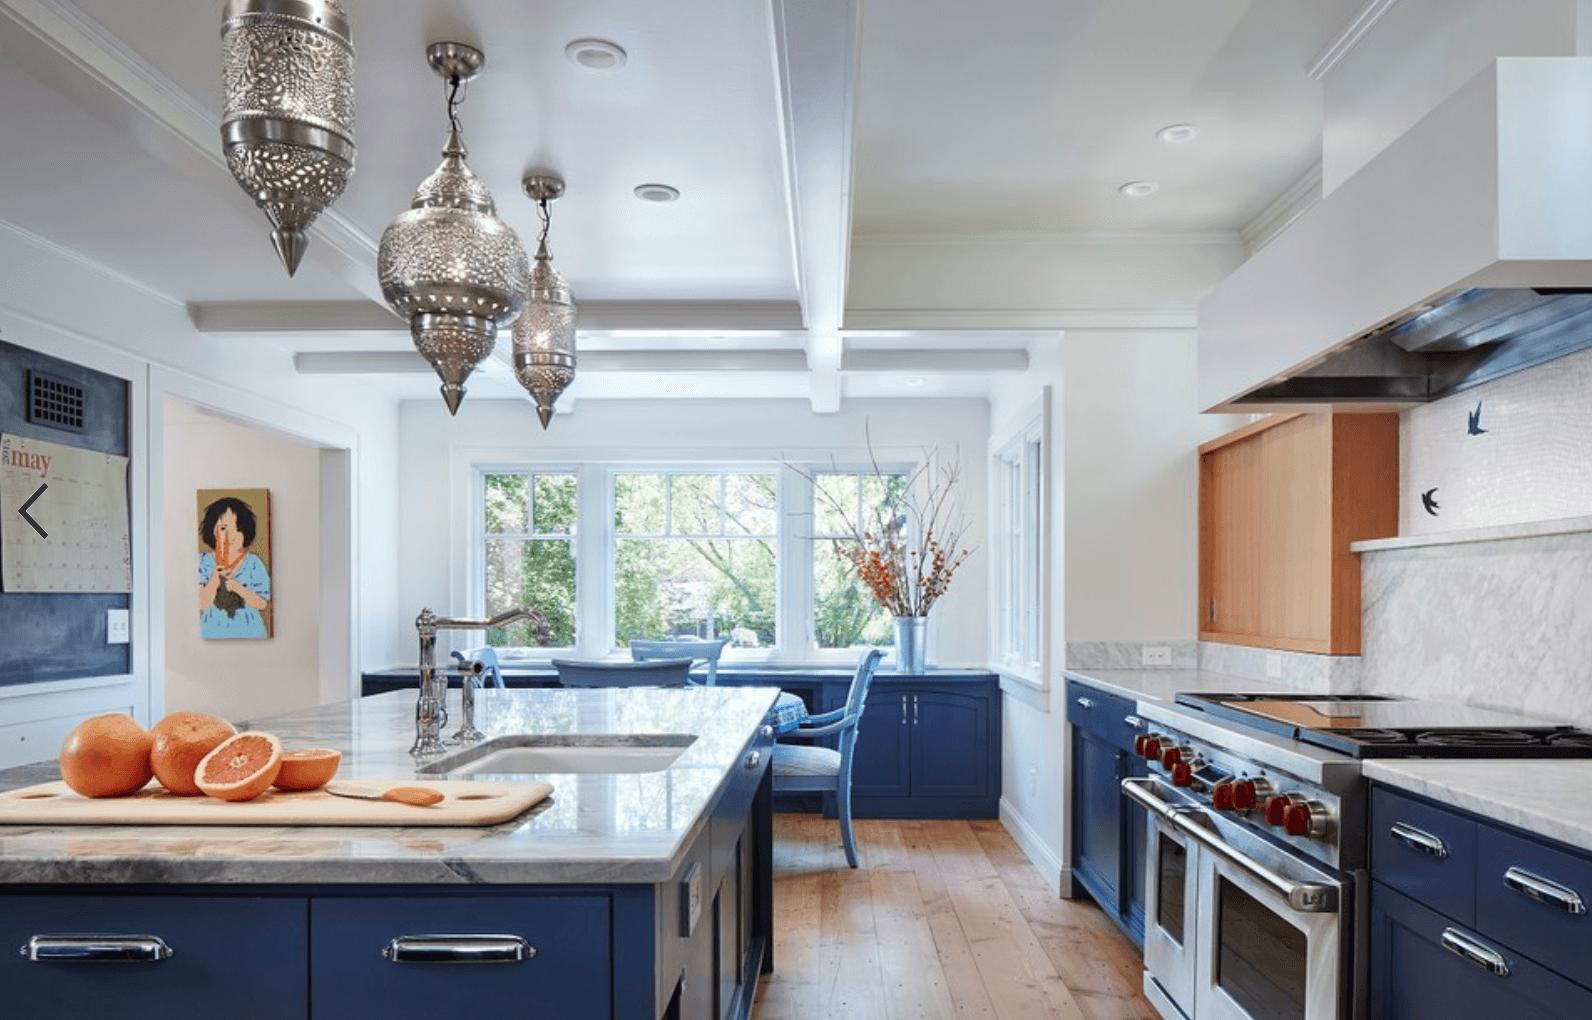 Дизайн кухни в оттенках темно-синего цвета. Фото 3